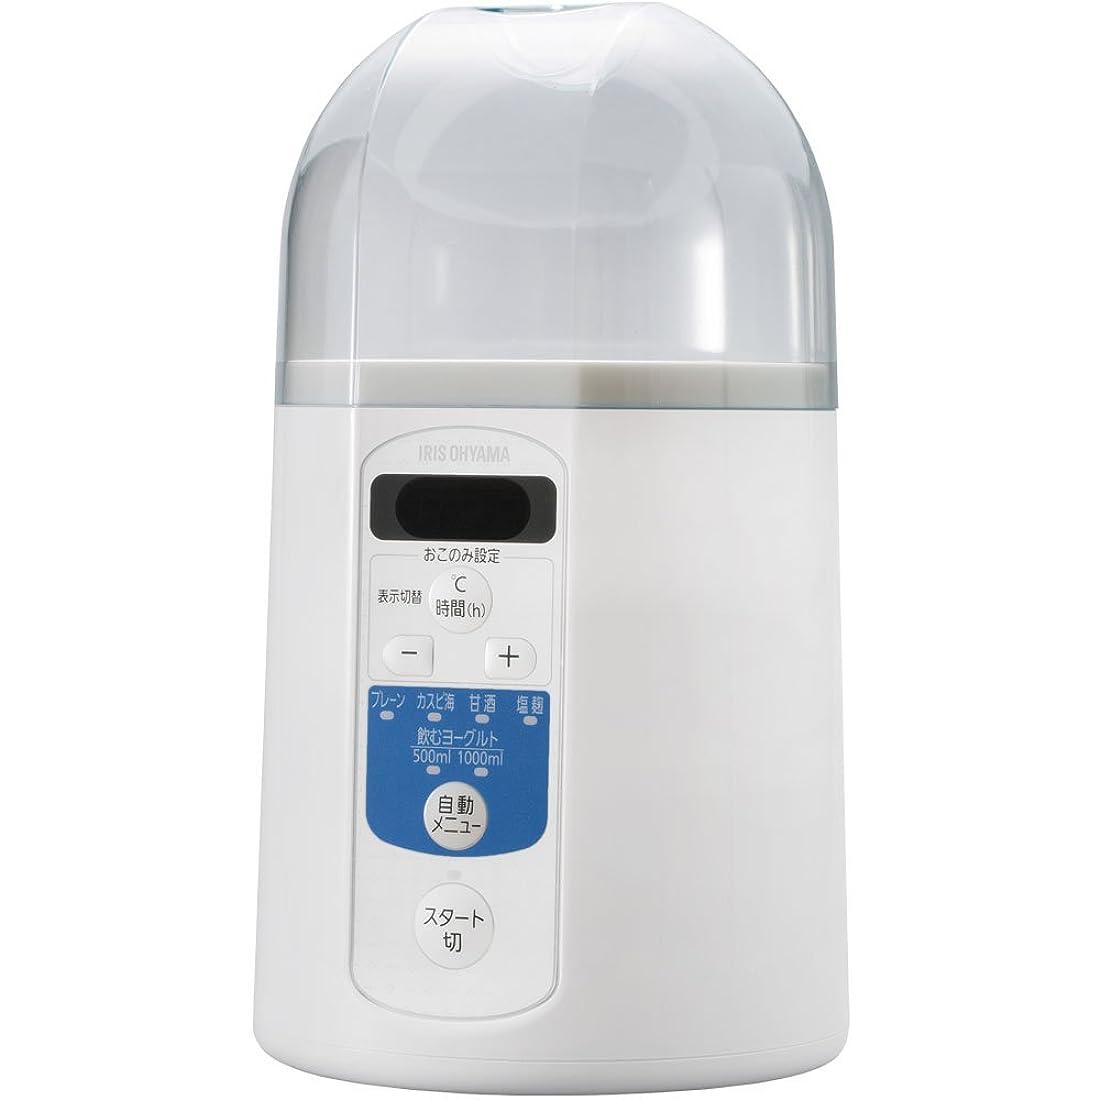 アイリスオーヤマ ヨーグルトメーカー 飲むヨーグルトモード 温度調節機能 付き IYM-013